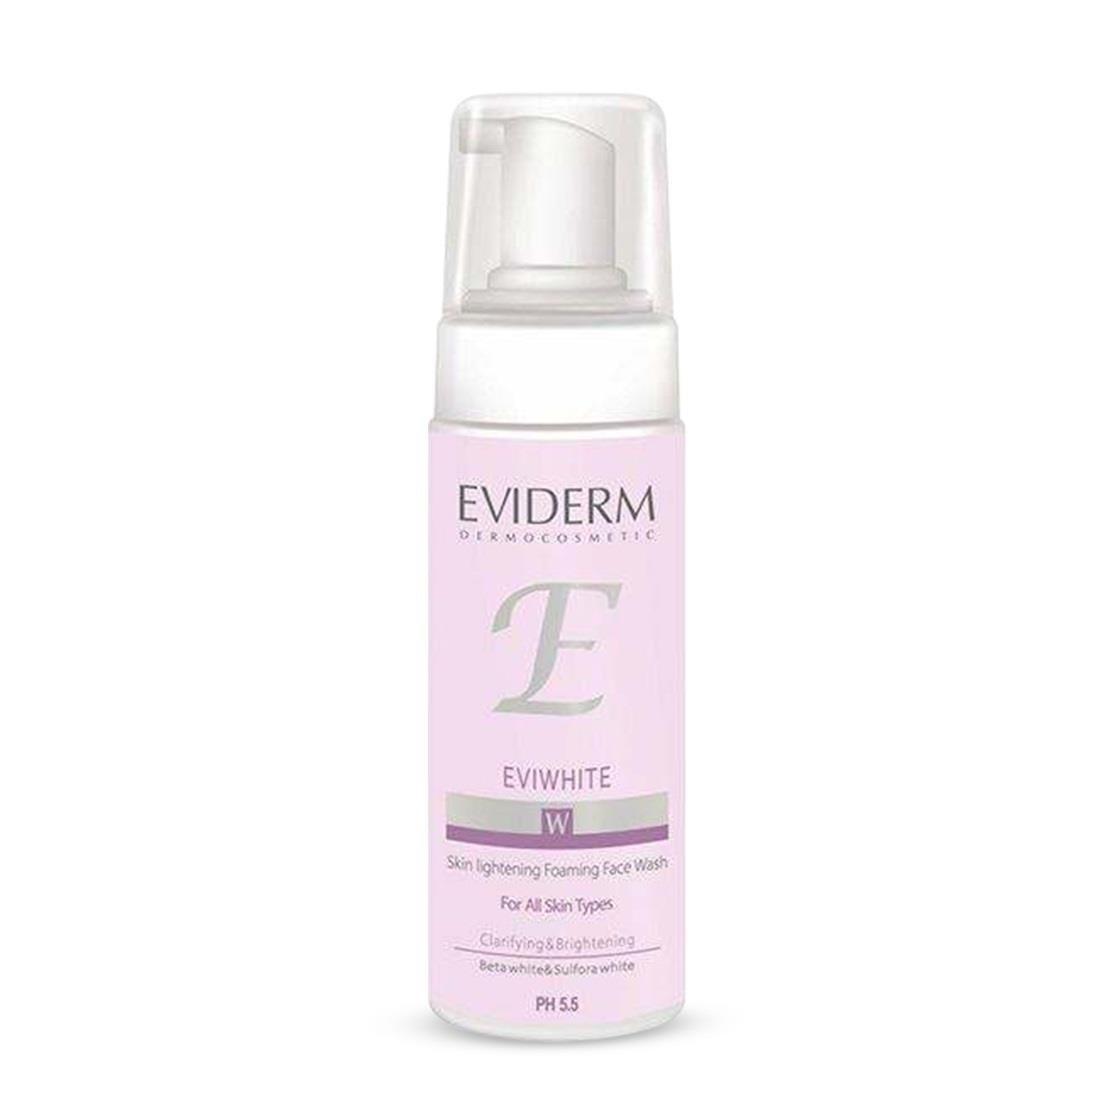 تصویر فوم شستشوی صورت روشن کننده اوی وایت اویدرم Eviderm Eviwhite Skin Lightening Foaming Face Wash